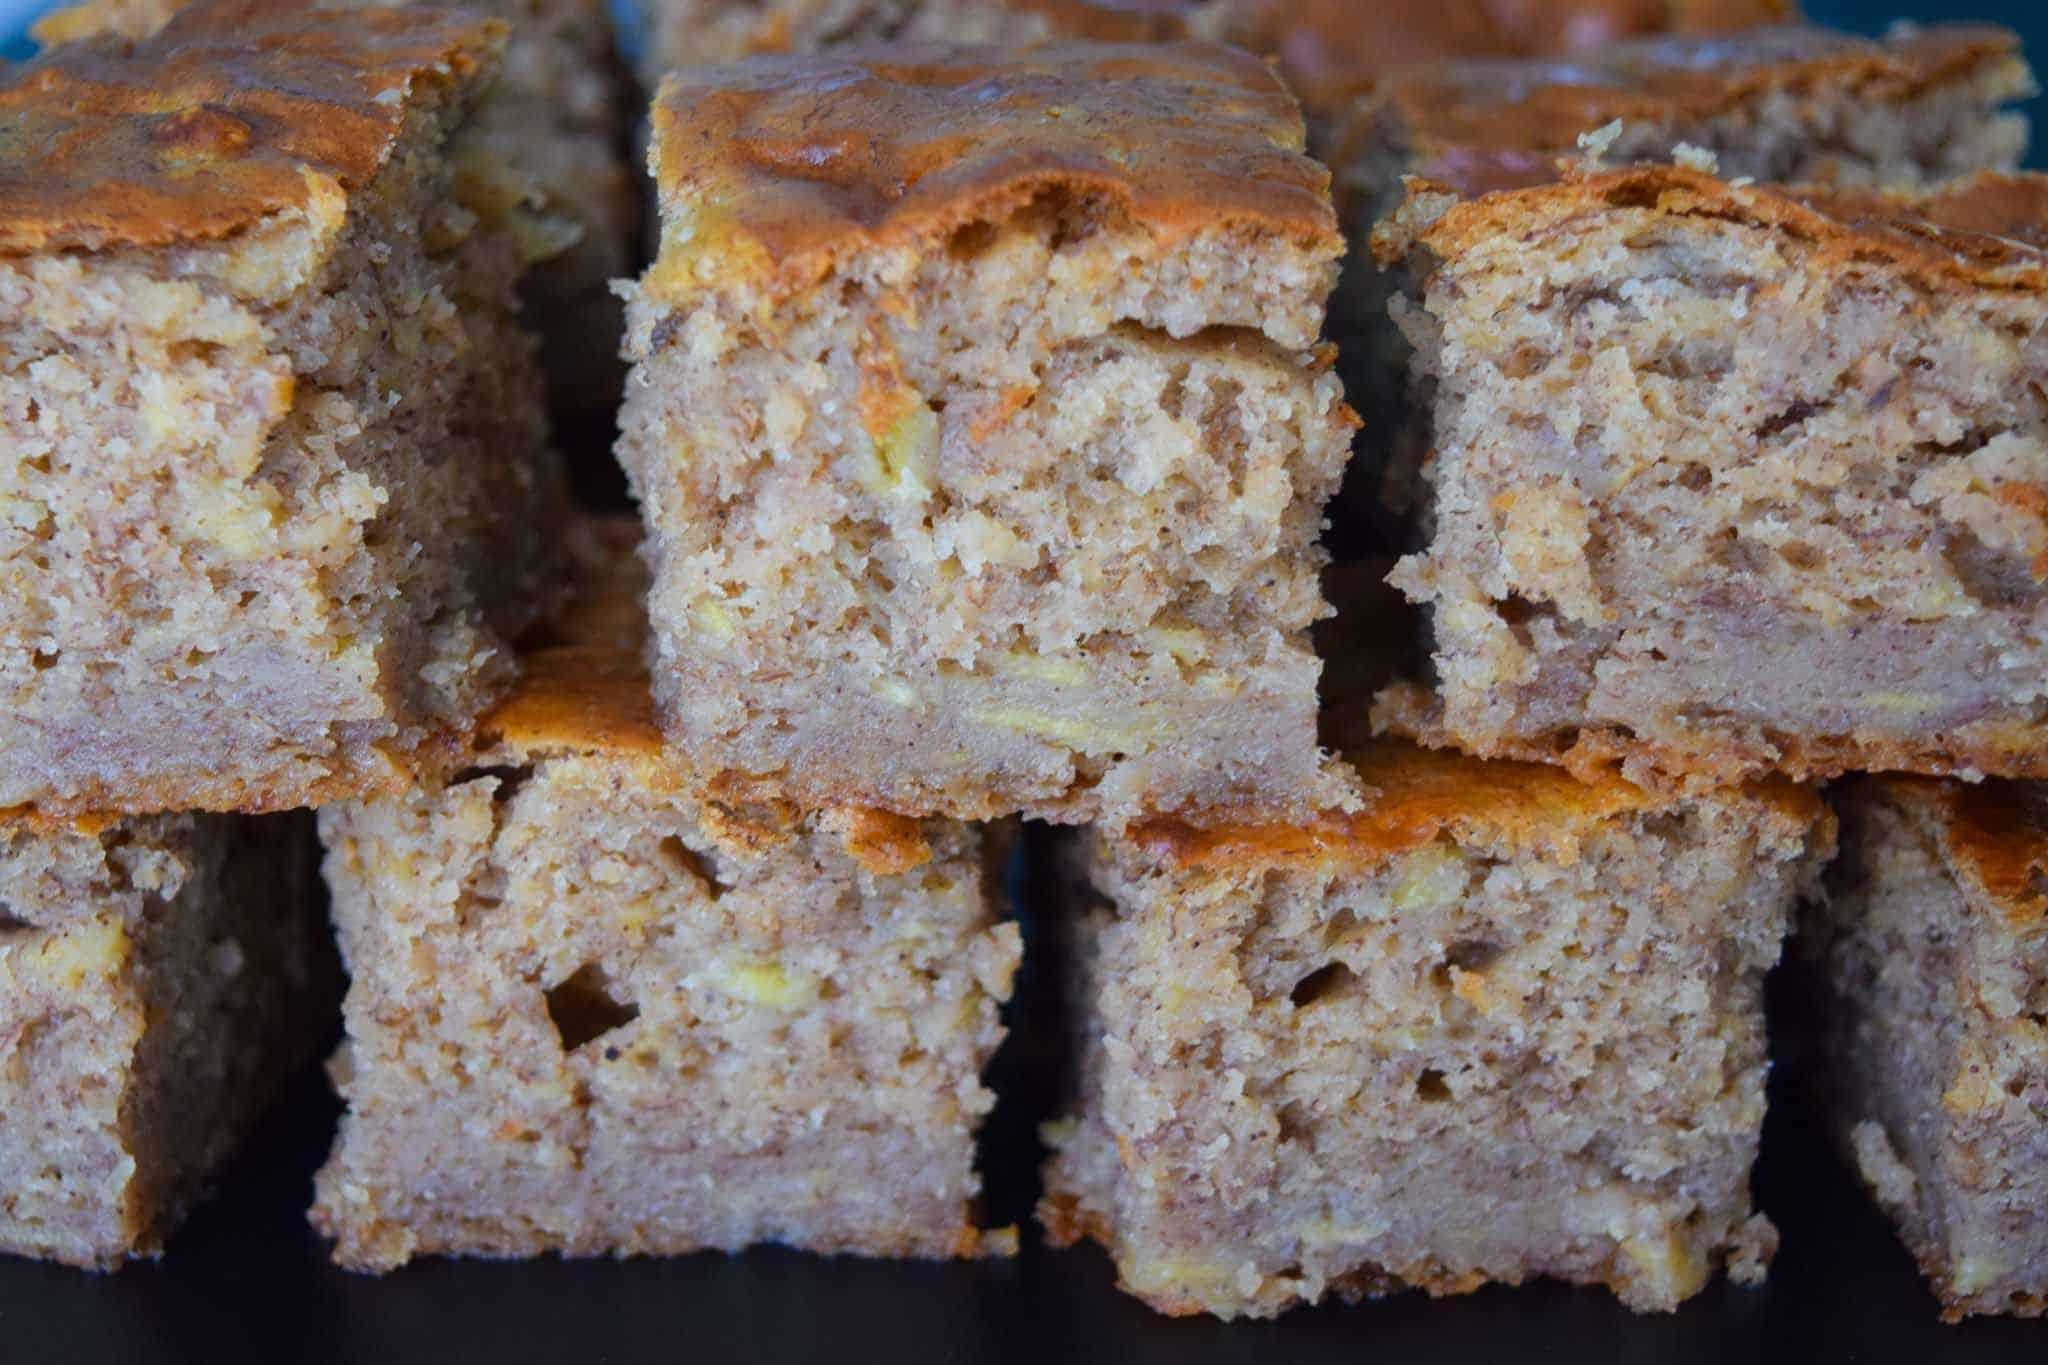 Banana Bread Bars stacked up close up view